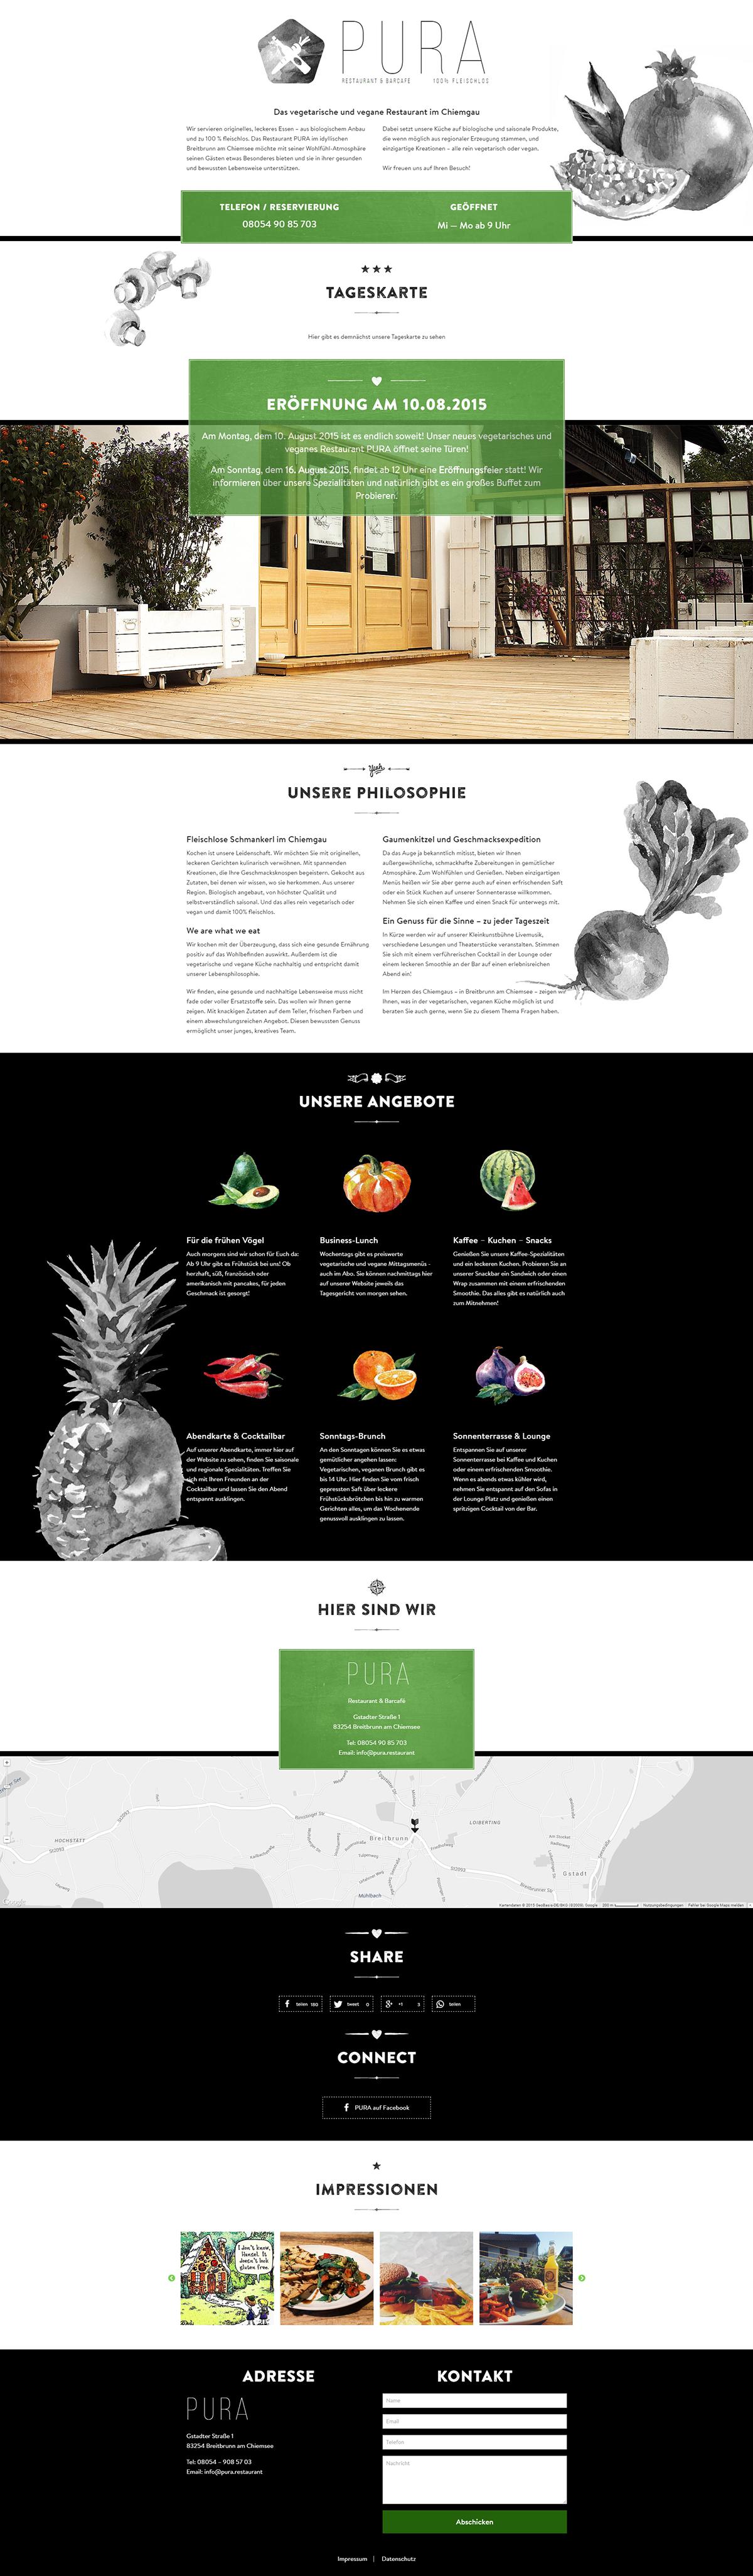 restaurant vegan Vegetarisch Vegetarian Website